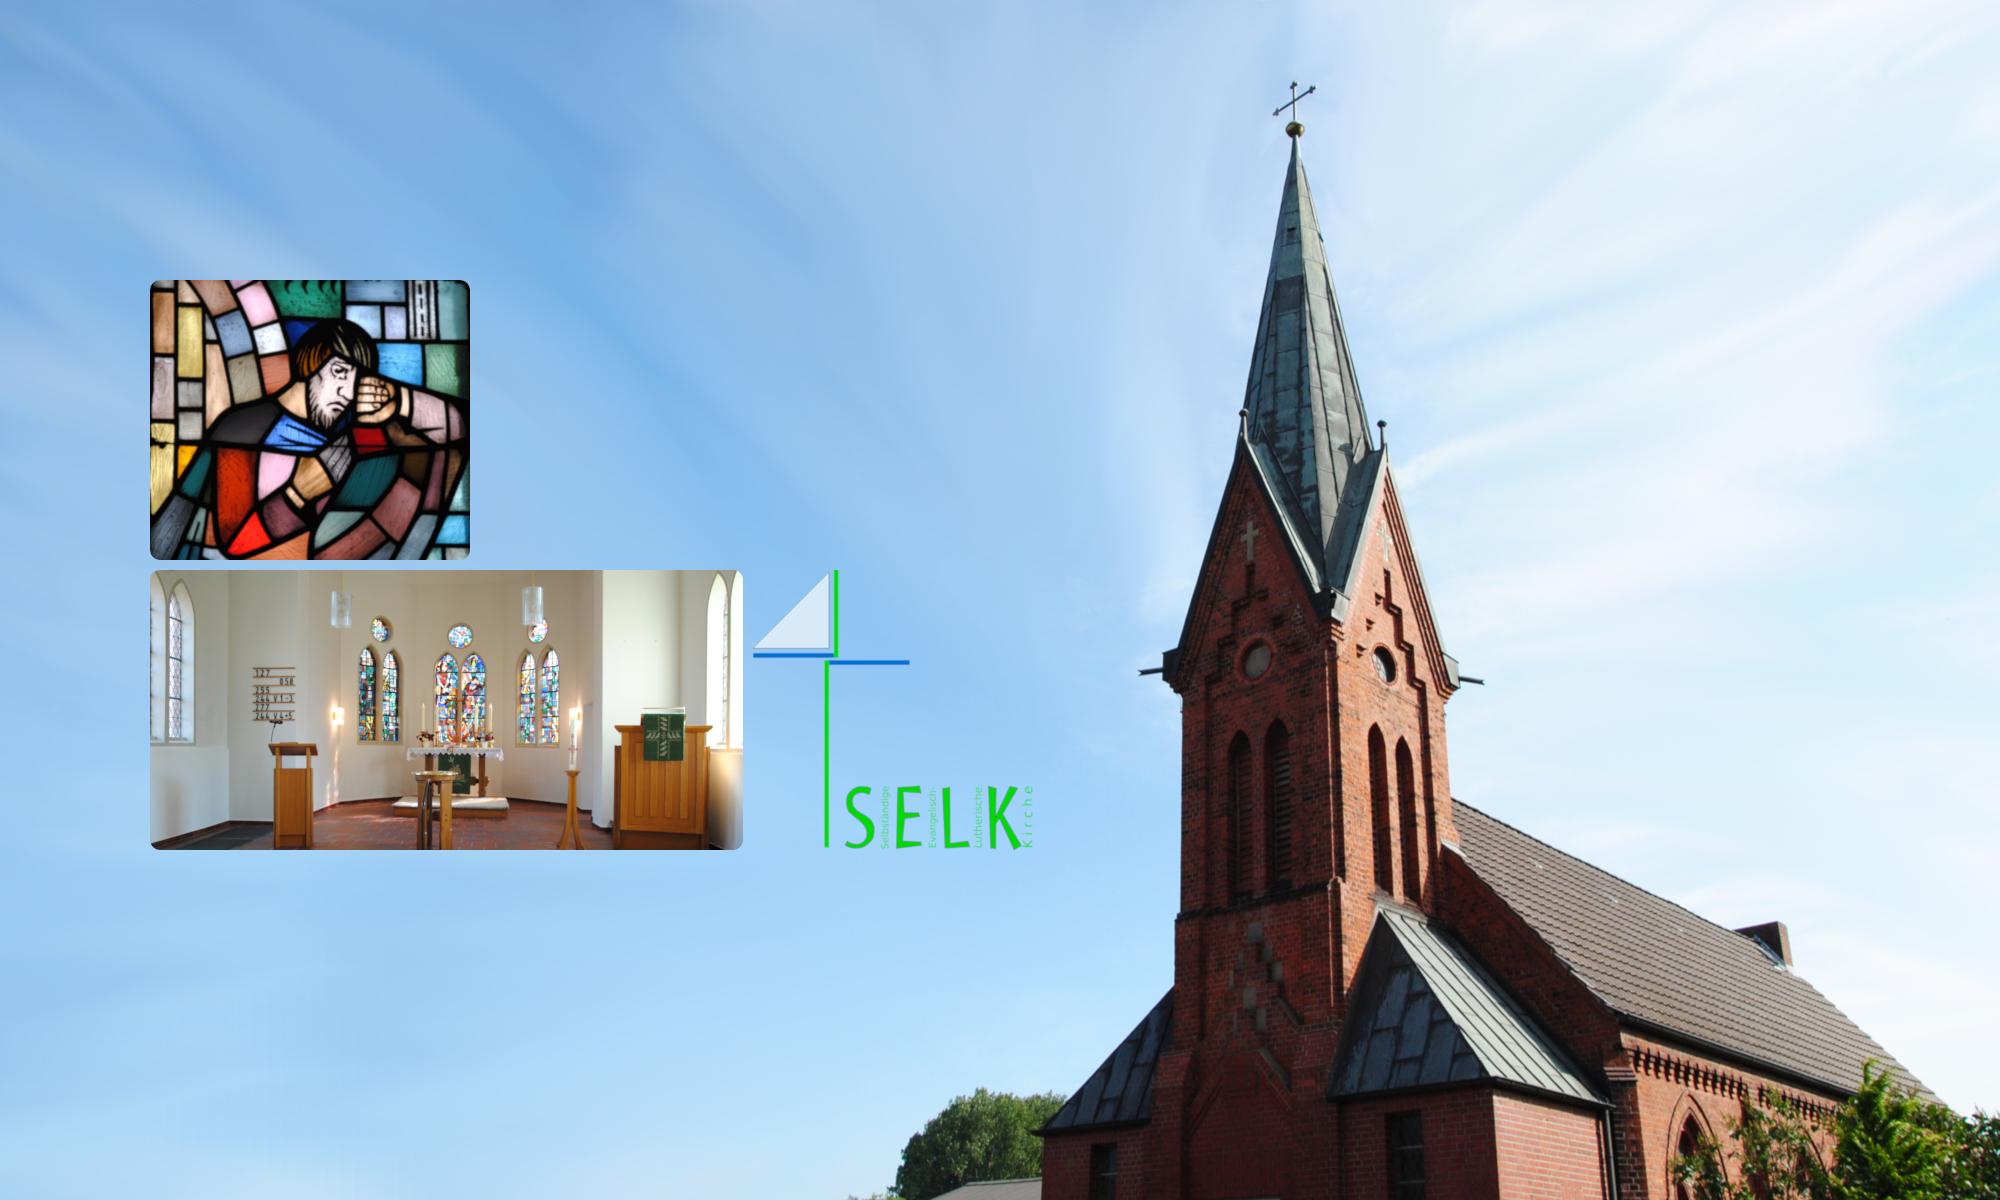 SELK-Stelle.de